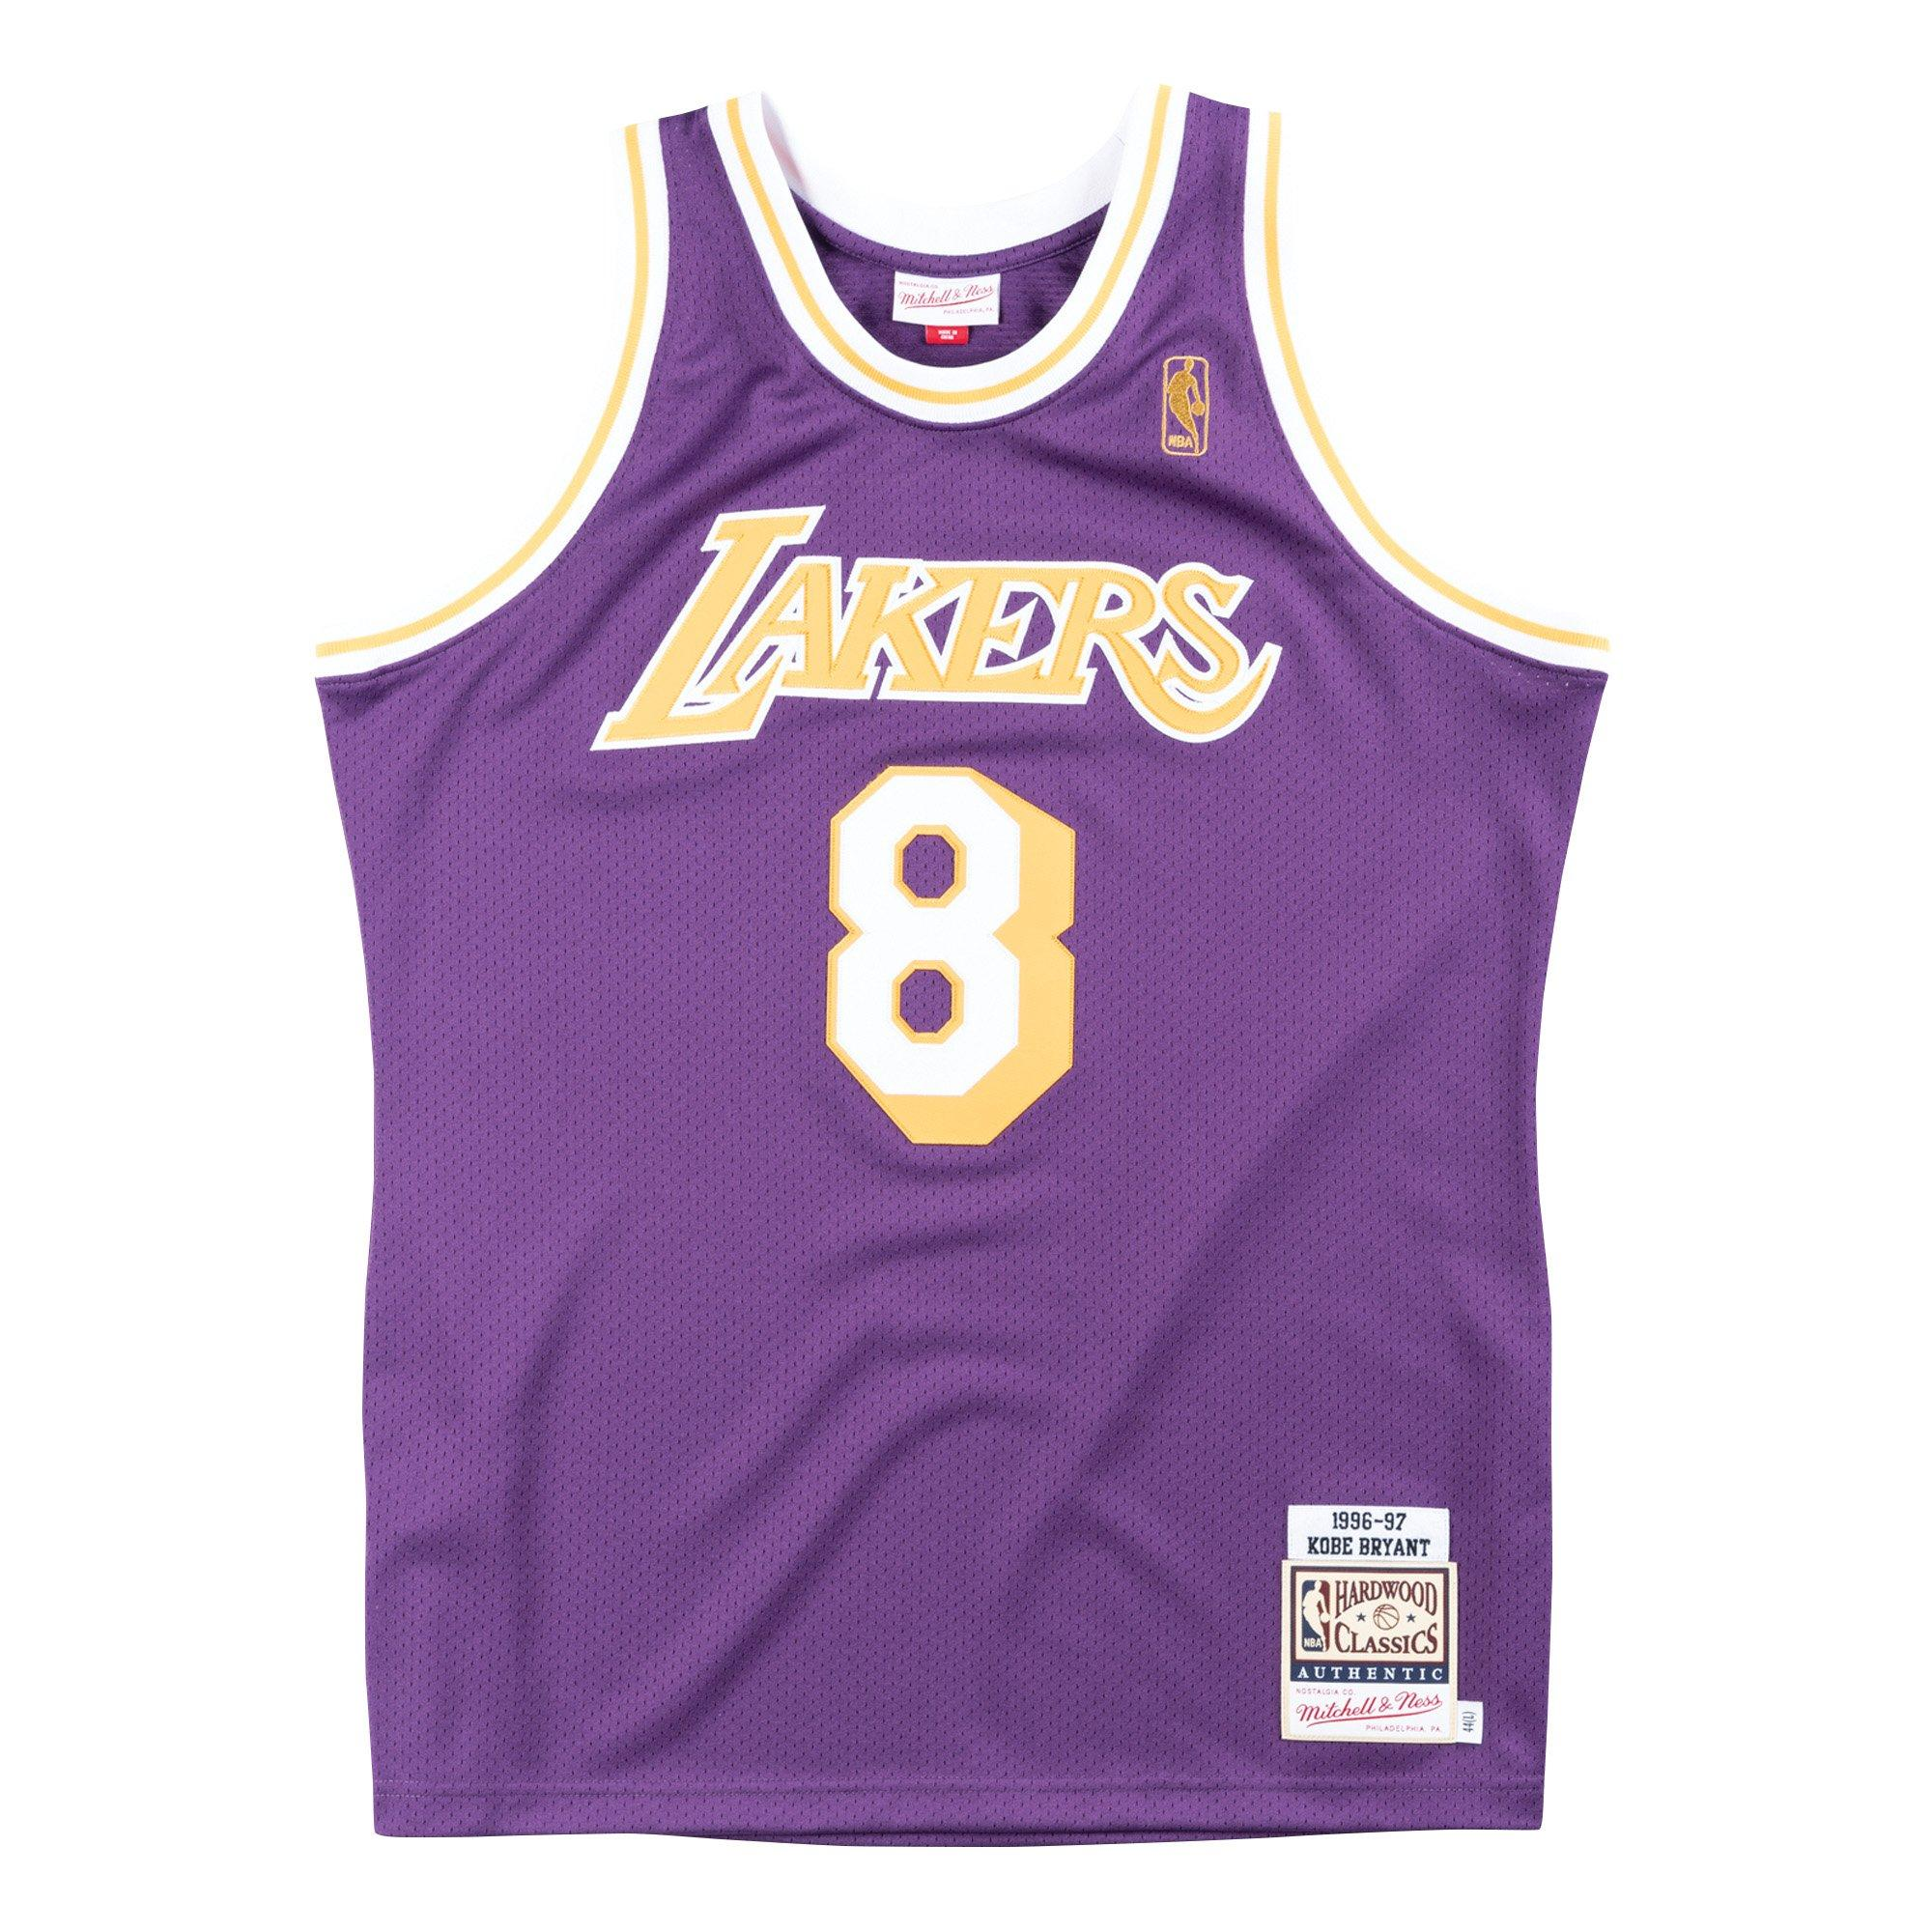 uniformes de Los Angeles Bryant NO.8 THDB Chalecos de baloncesto para hombre Kobe Lakers 1996-97 Hardwood Classics Player Jersey de secado r/ápido para hombre color morado